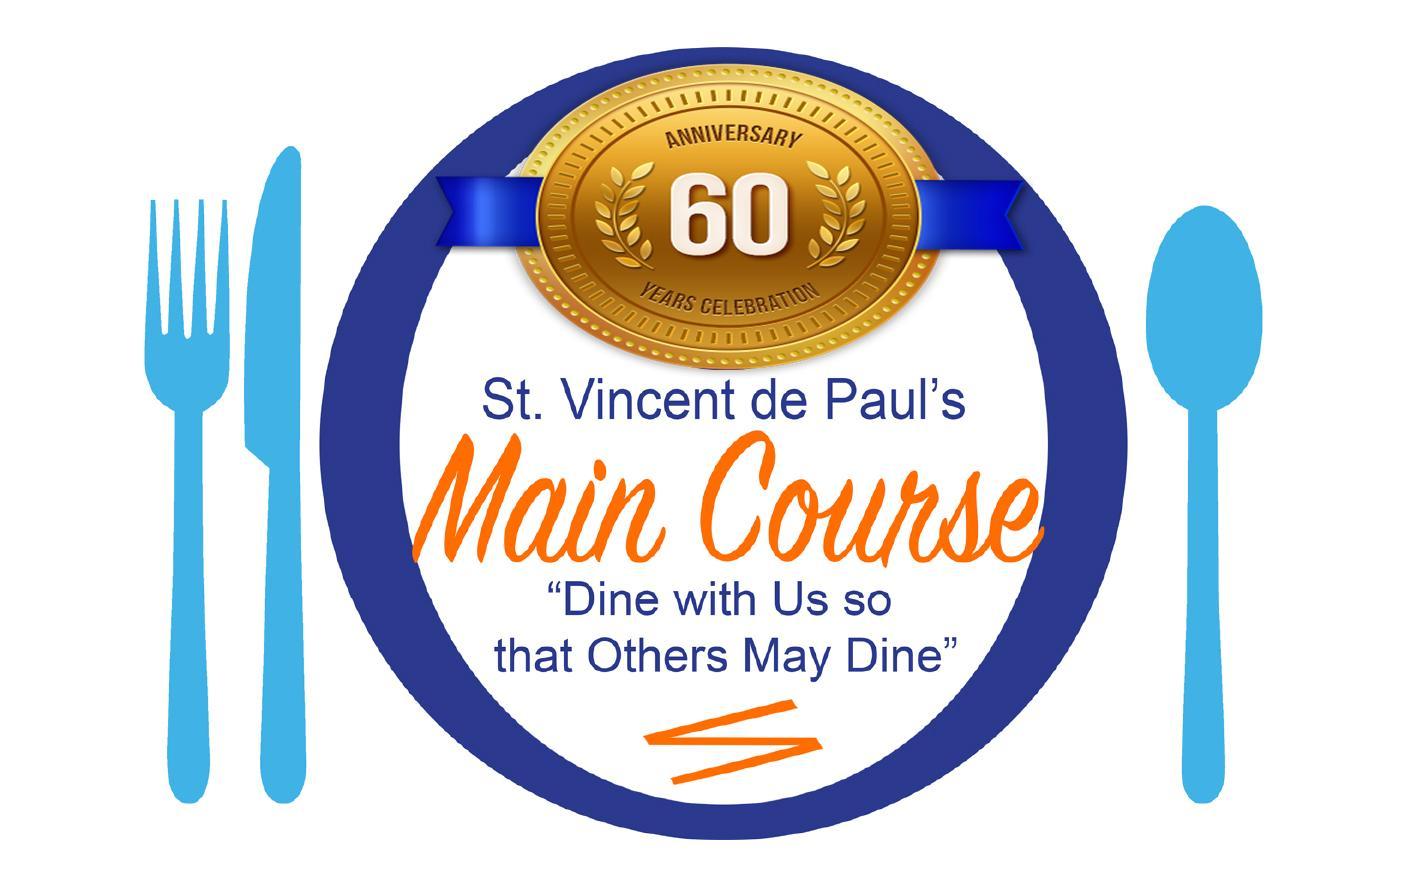 SVdP's Main Course